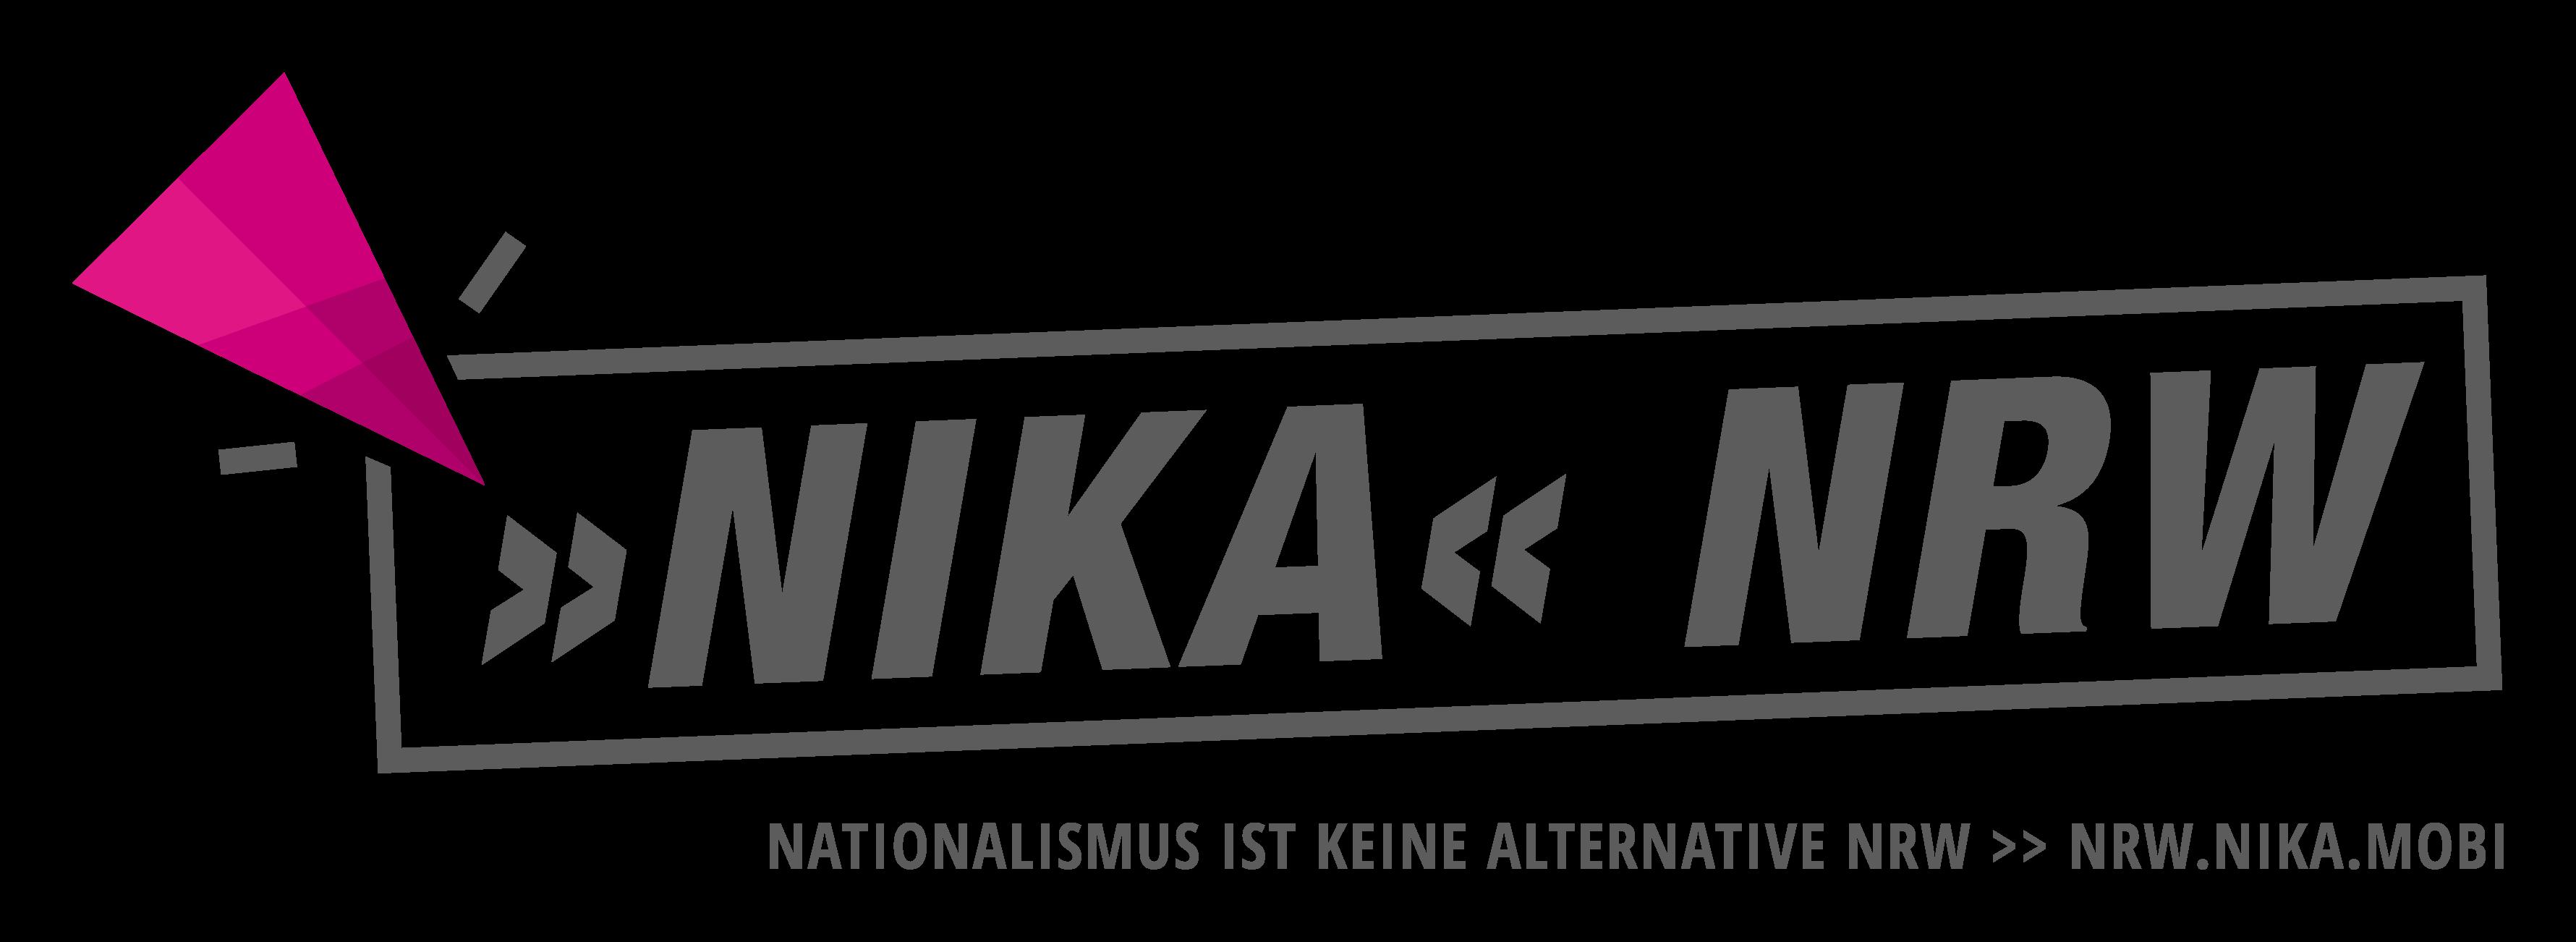 Nationalismus ist keine Alternative NRW Logo